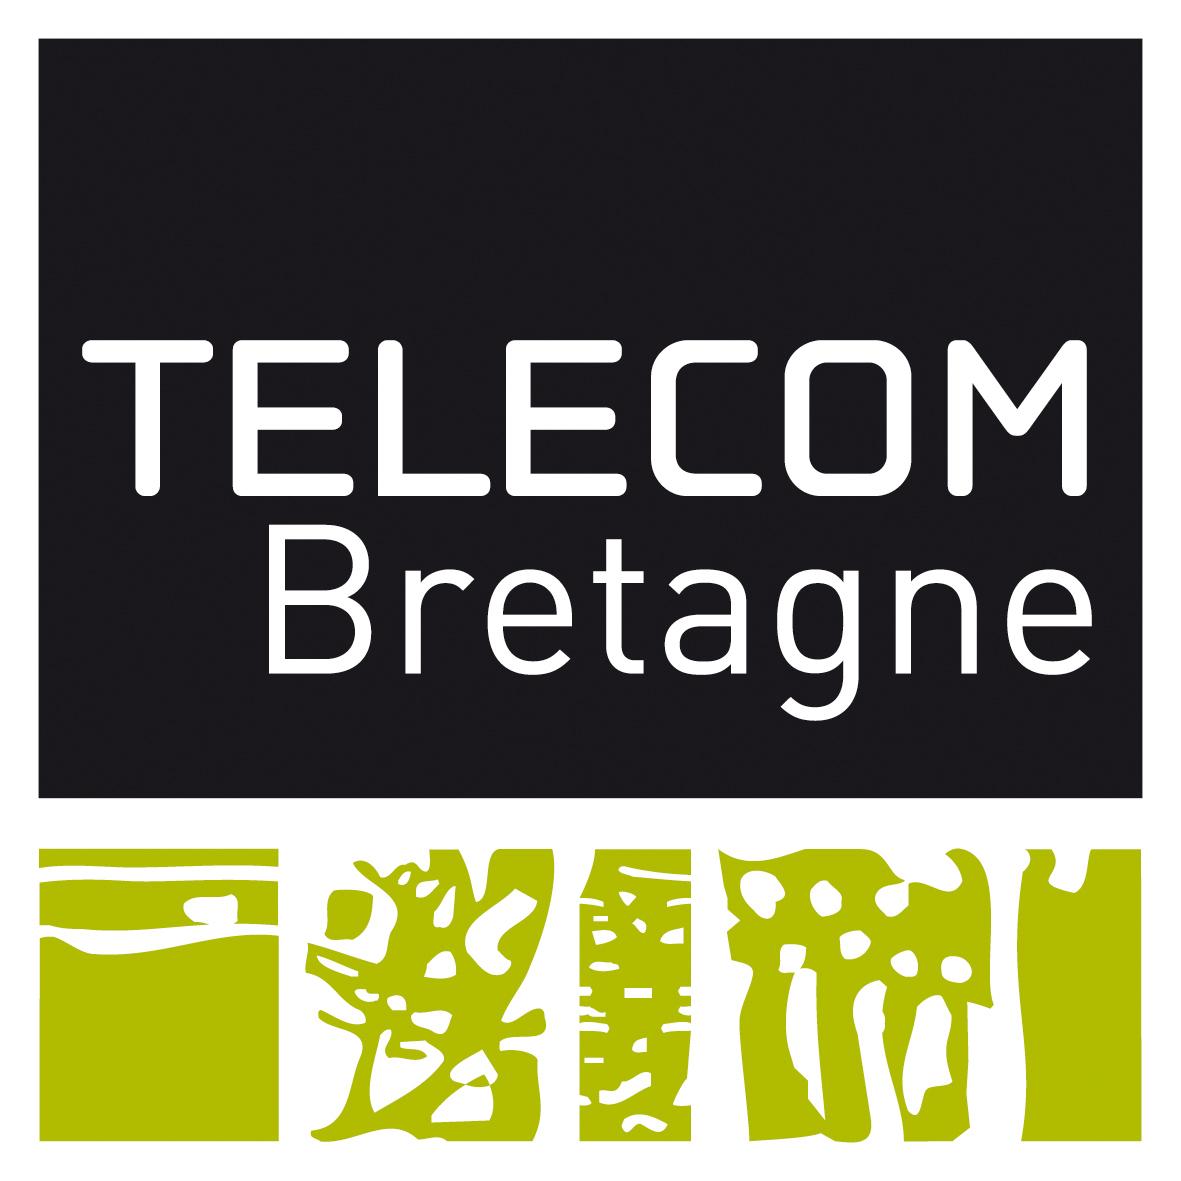 A%2fad%2ftelecom bretagne logo